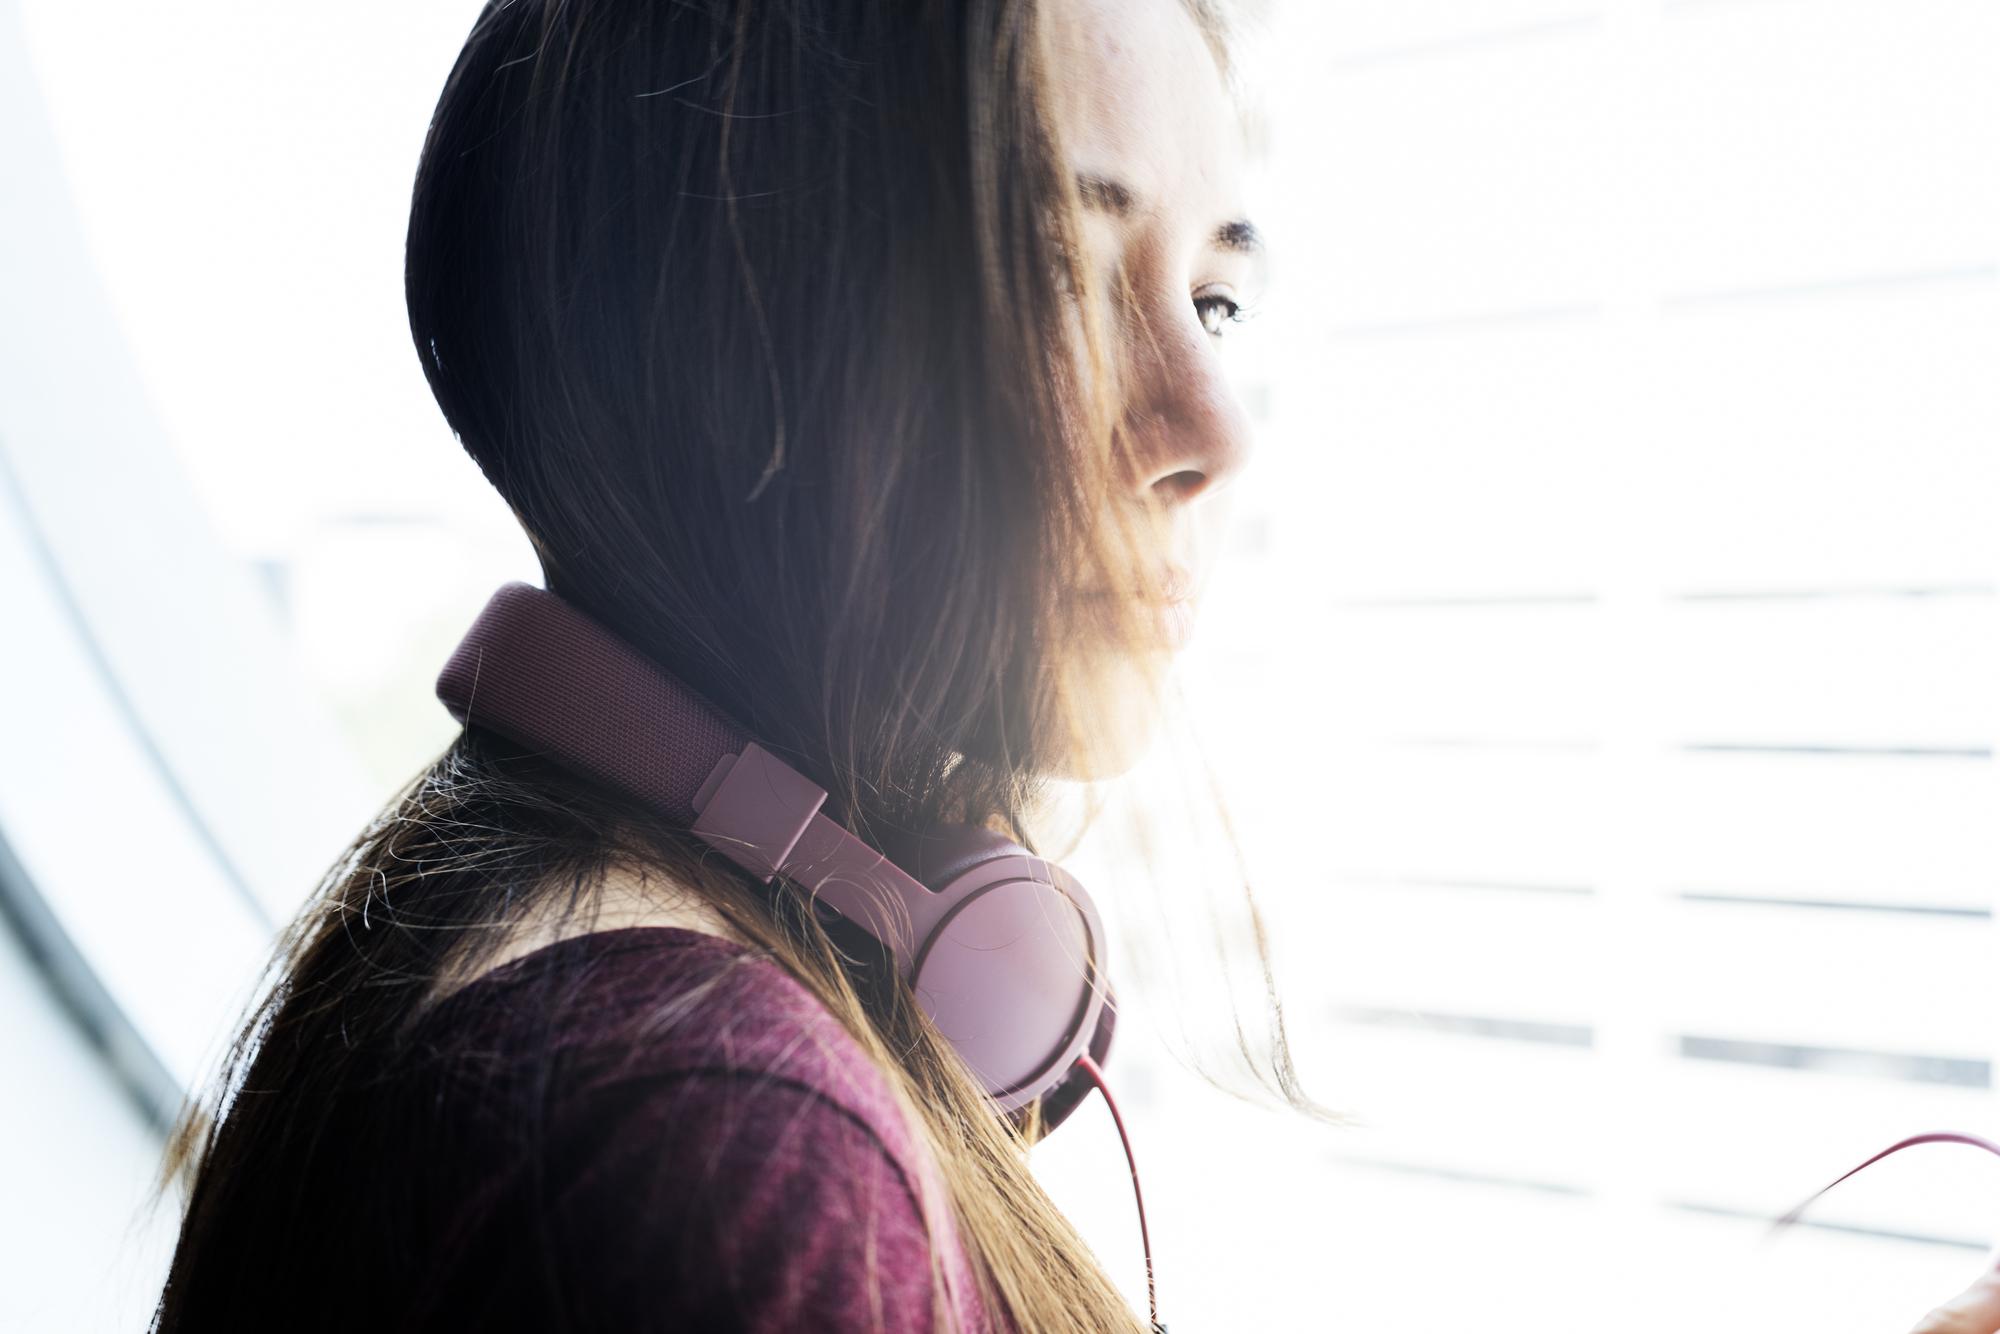 皆が好きな恋愛ソングは?片思い・失恋時に聴くおすすめ曲10選